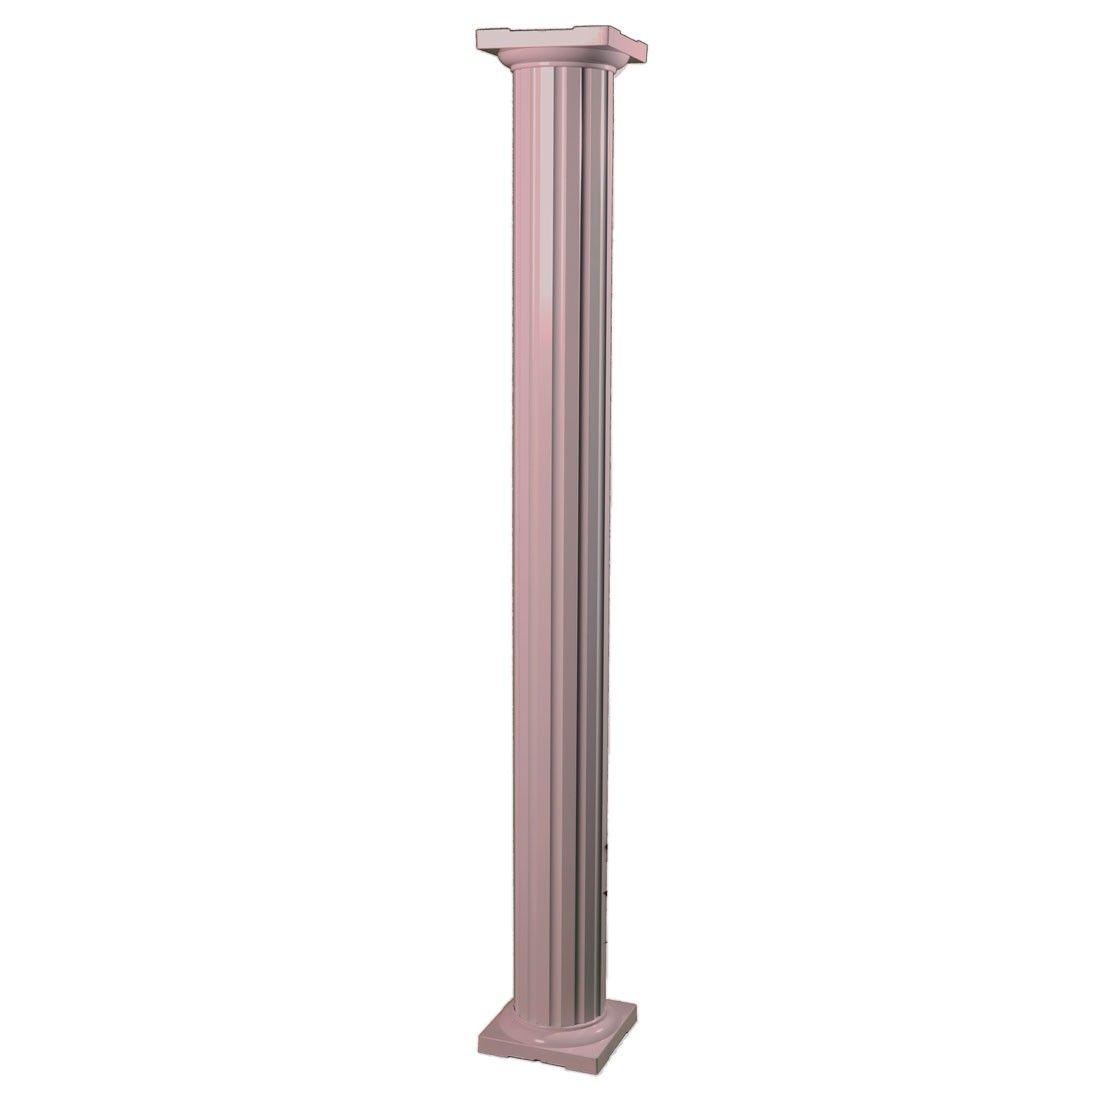 10 Round Fluted Aluminum Column Wrap Sandstone Multiple Heights Column Wrap Porch Column Wraps Columns Decor